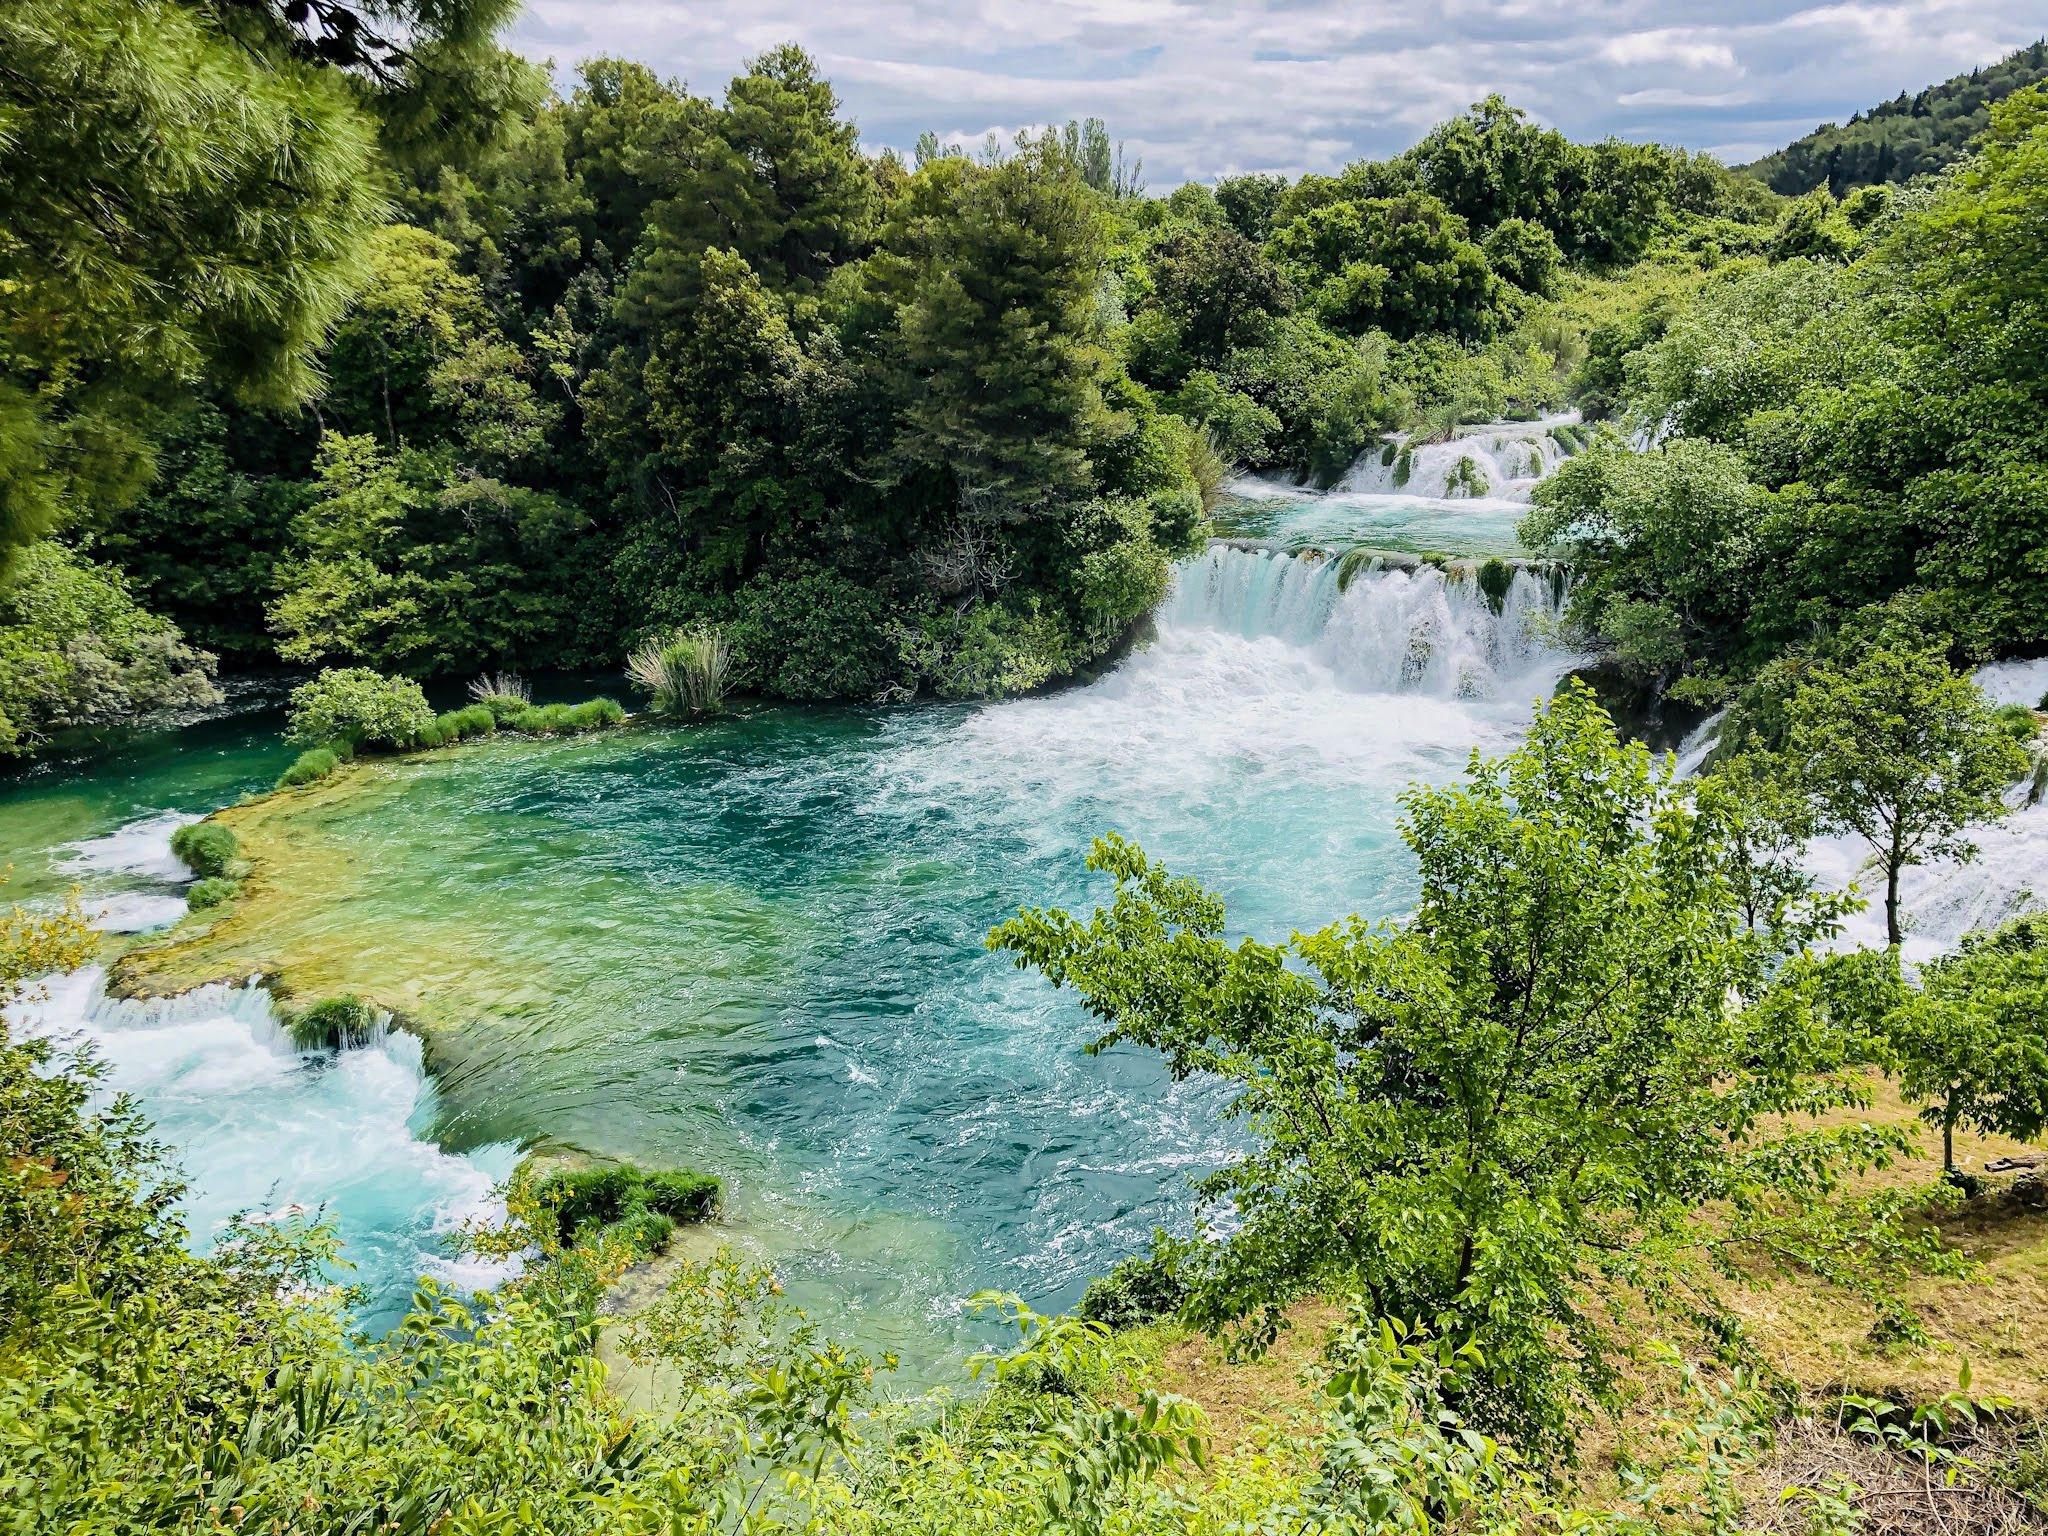 Skradinski buk at Krka National Park Croatia